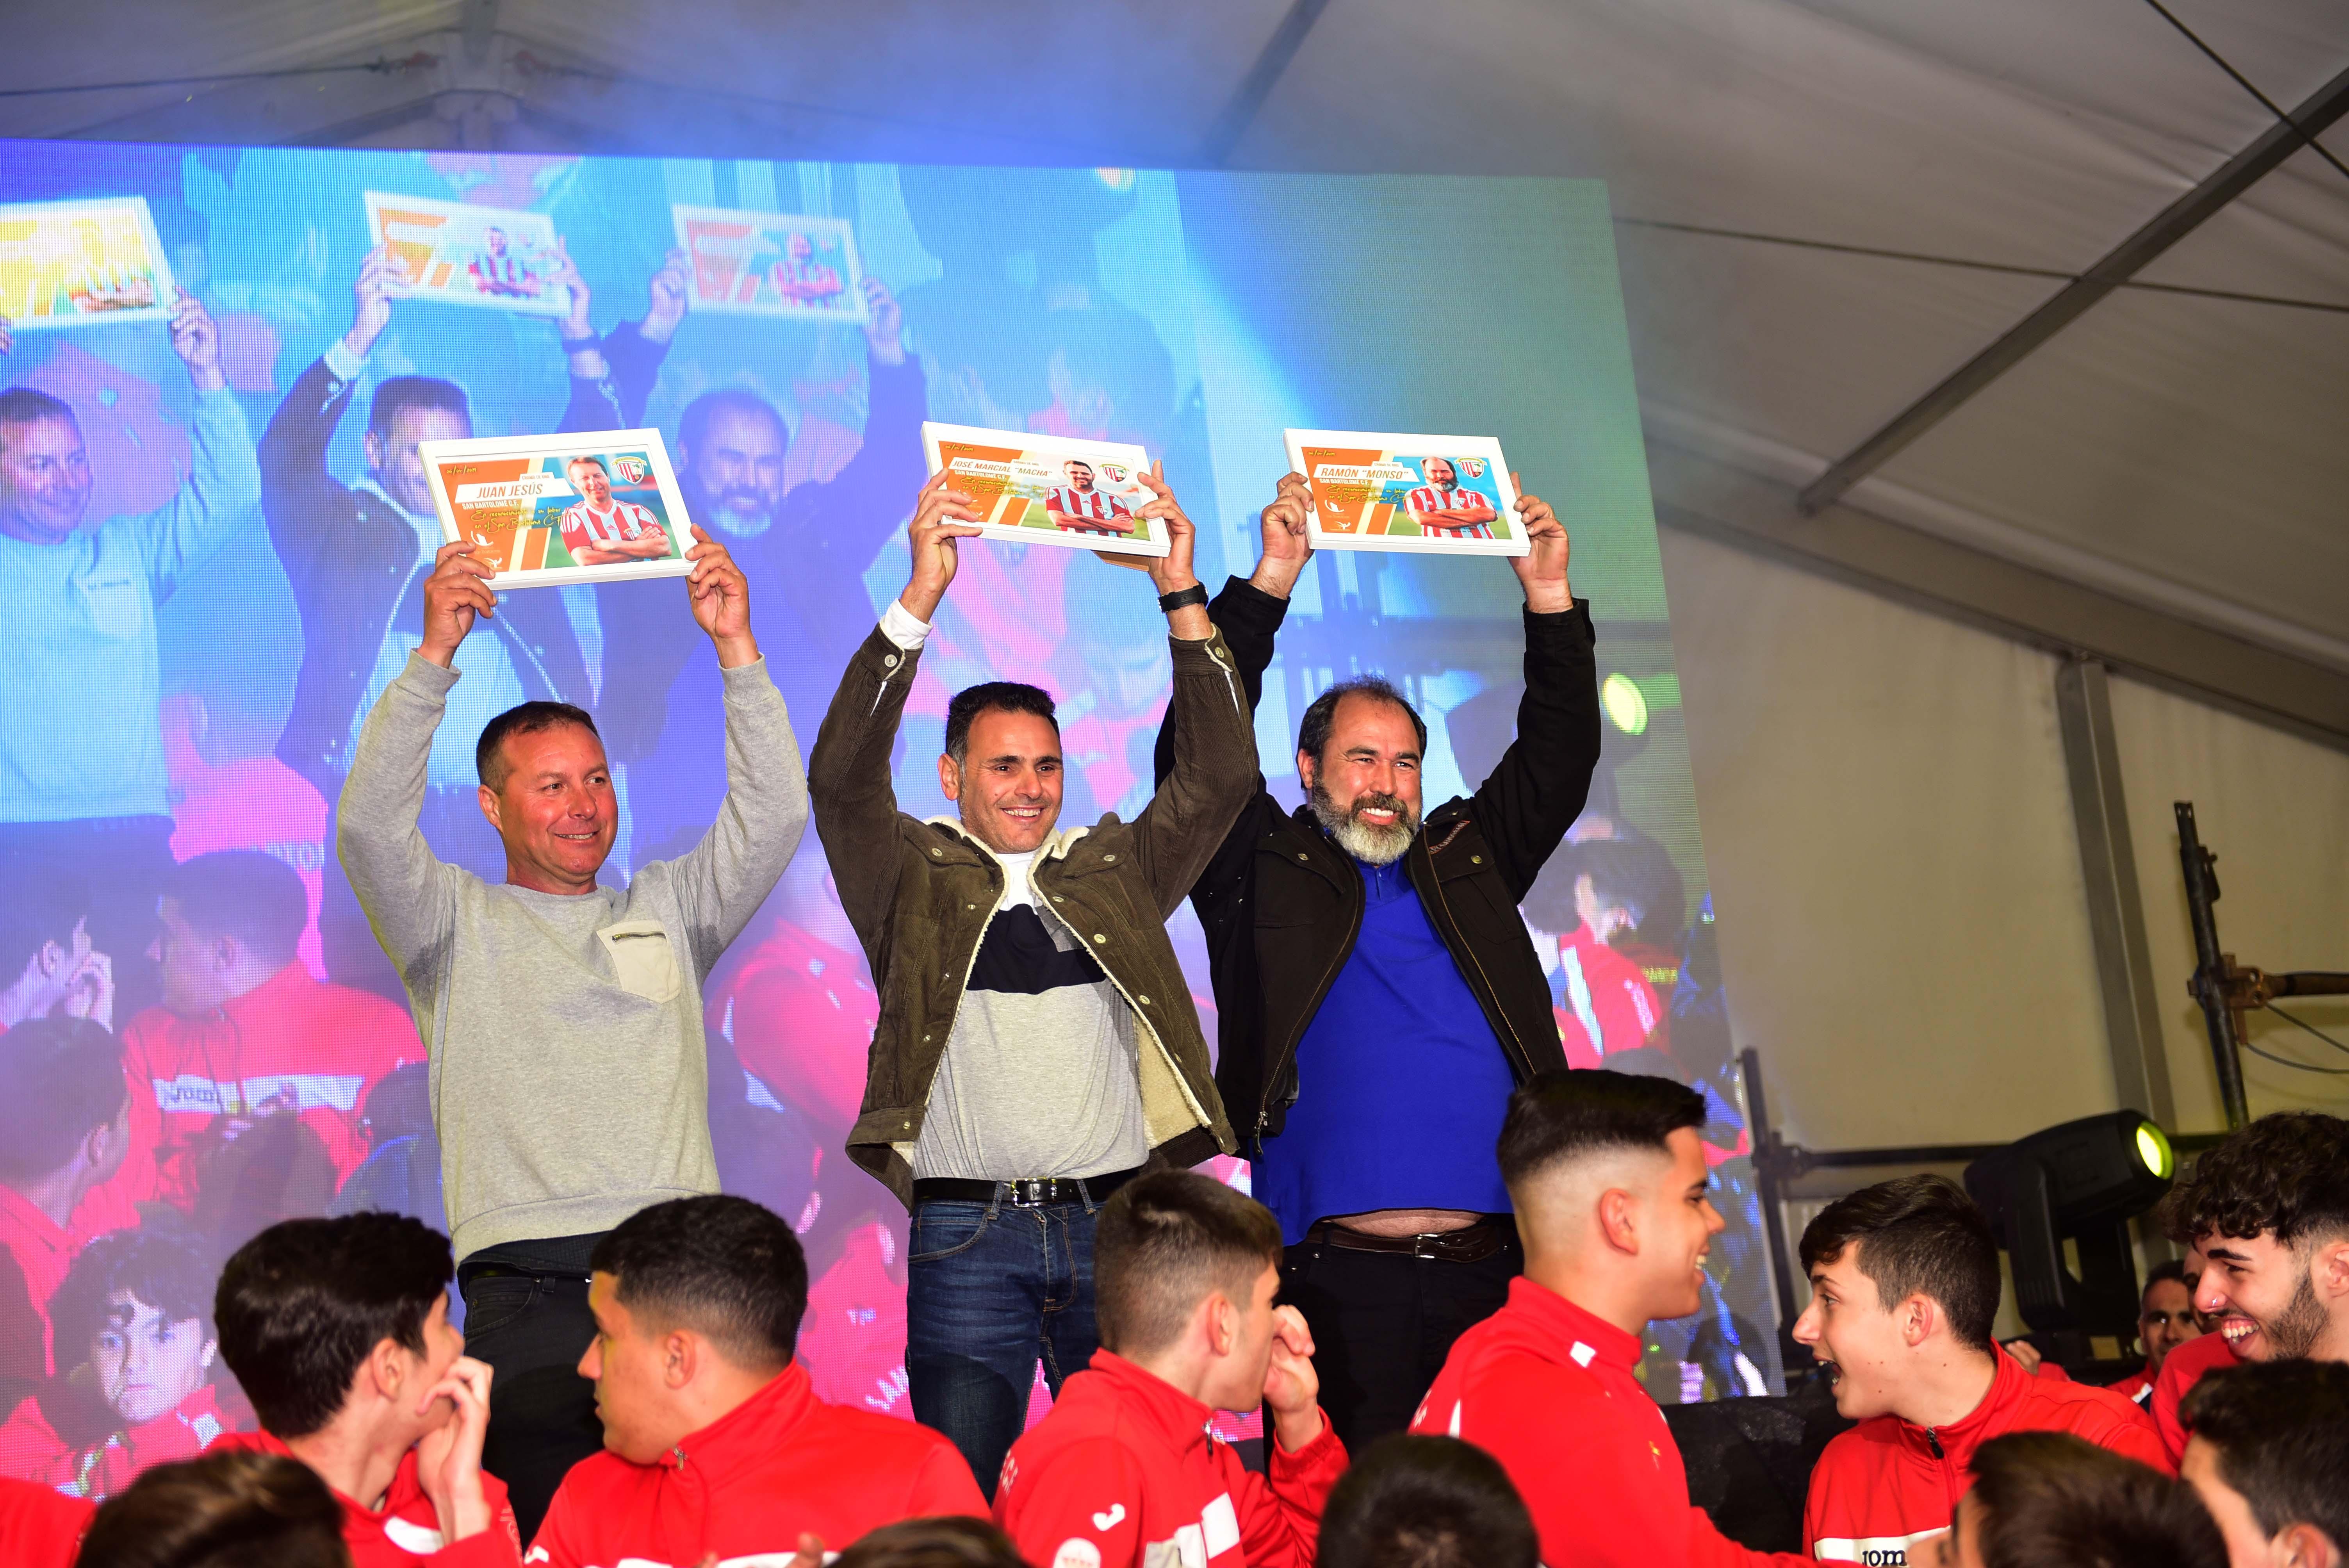 El San Bartolomé C.F. presentó a sus equipos en un gran evento con entrega del álbum de cromos y actuaciones musicales